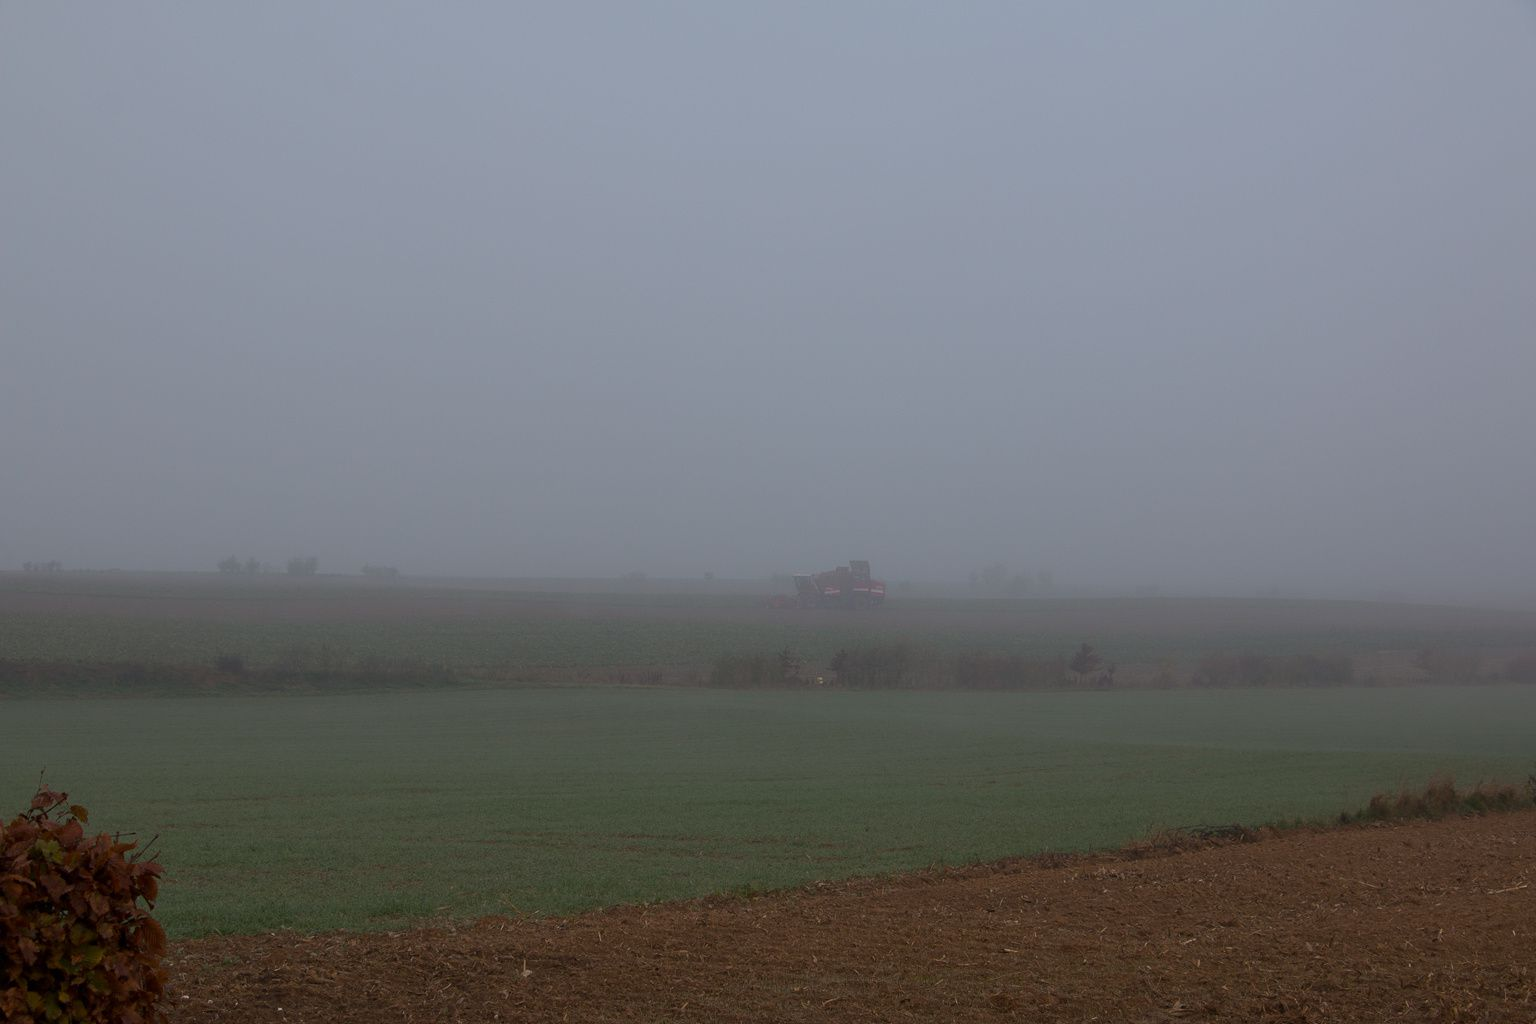 Le silence se prolongeait. Il devenait de plus en plus épais, comme le brouillard du matin. Épais et immobile.   Le Silence de la mer - Vercors